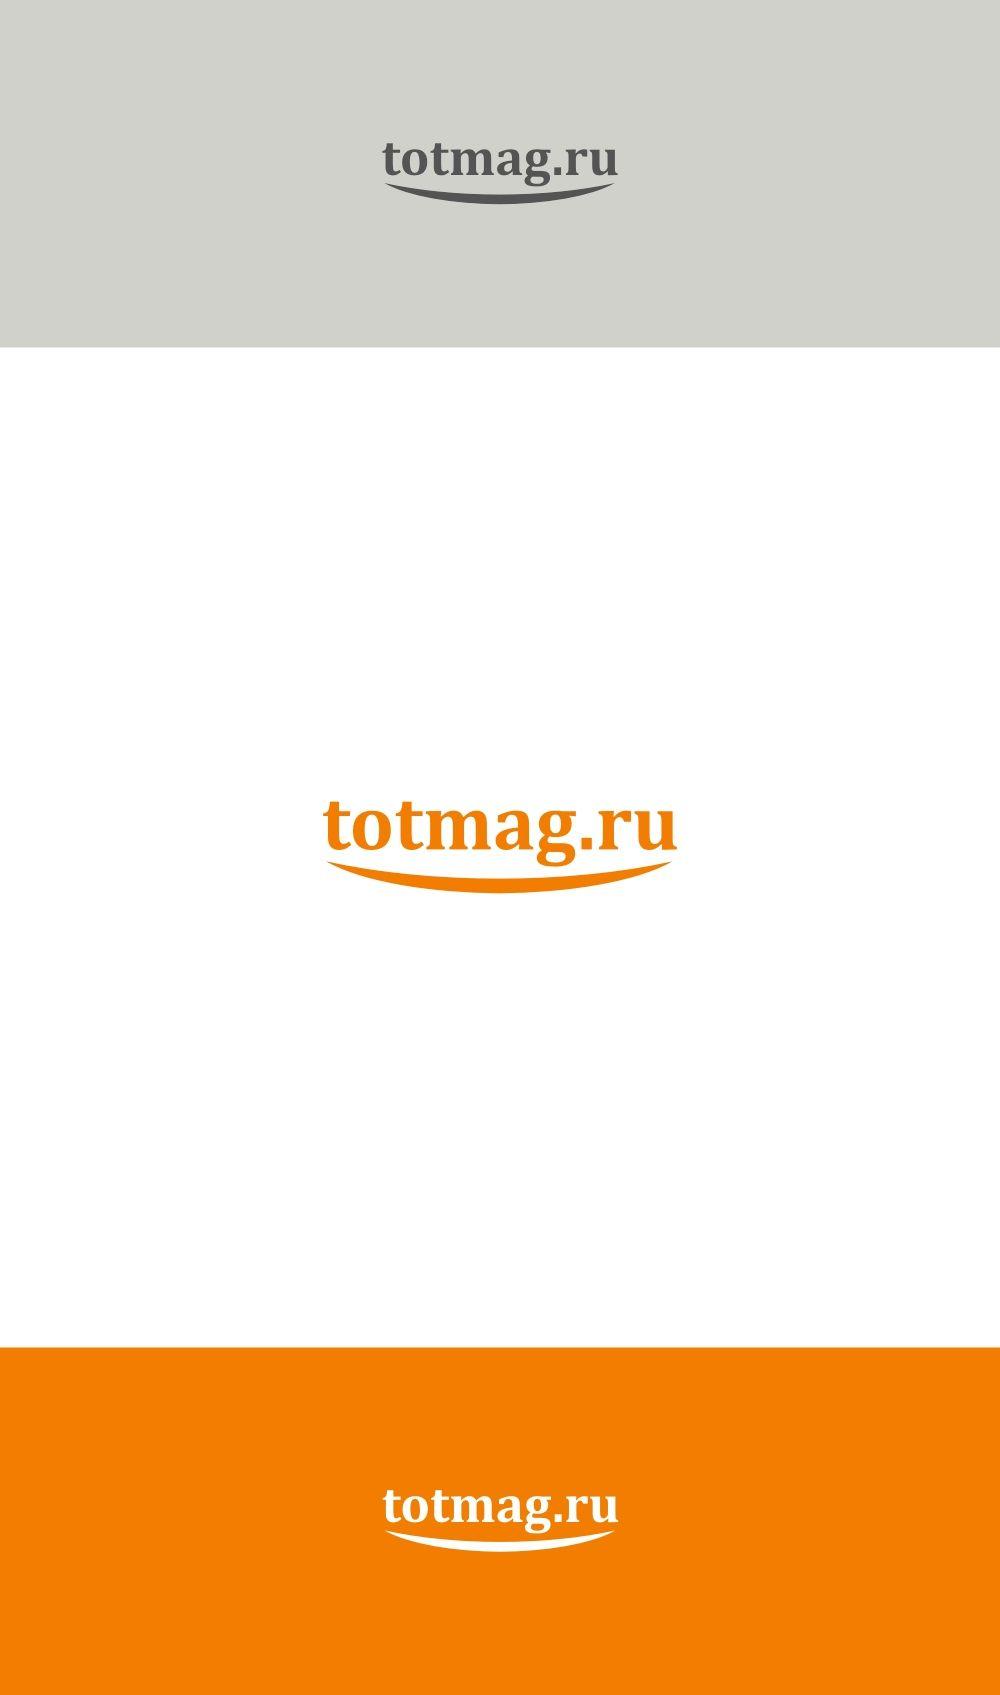 Логотип для интернет магазина totmag.ru - дизайнер 4shark